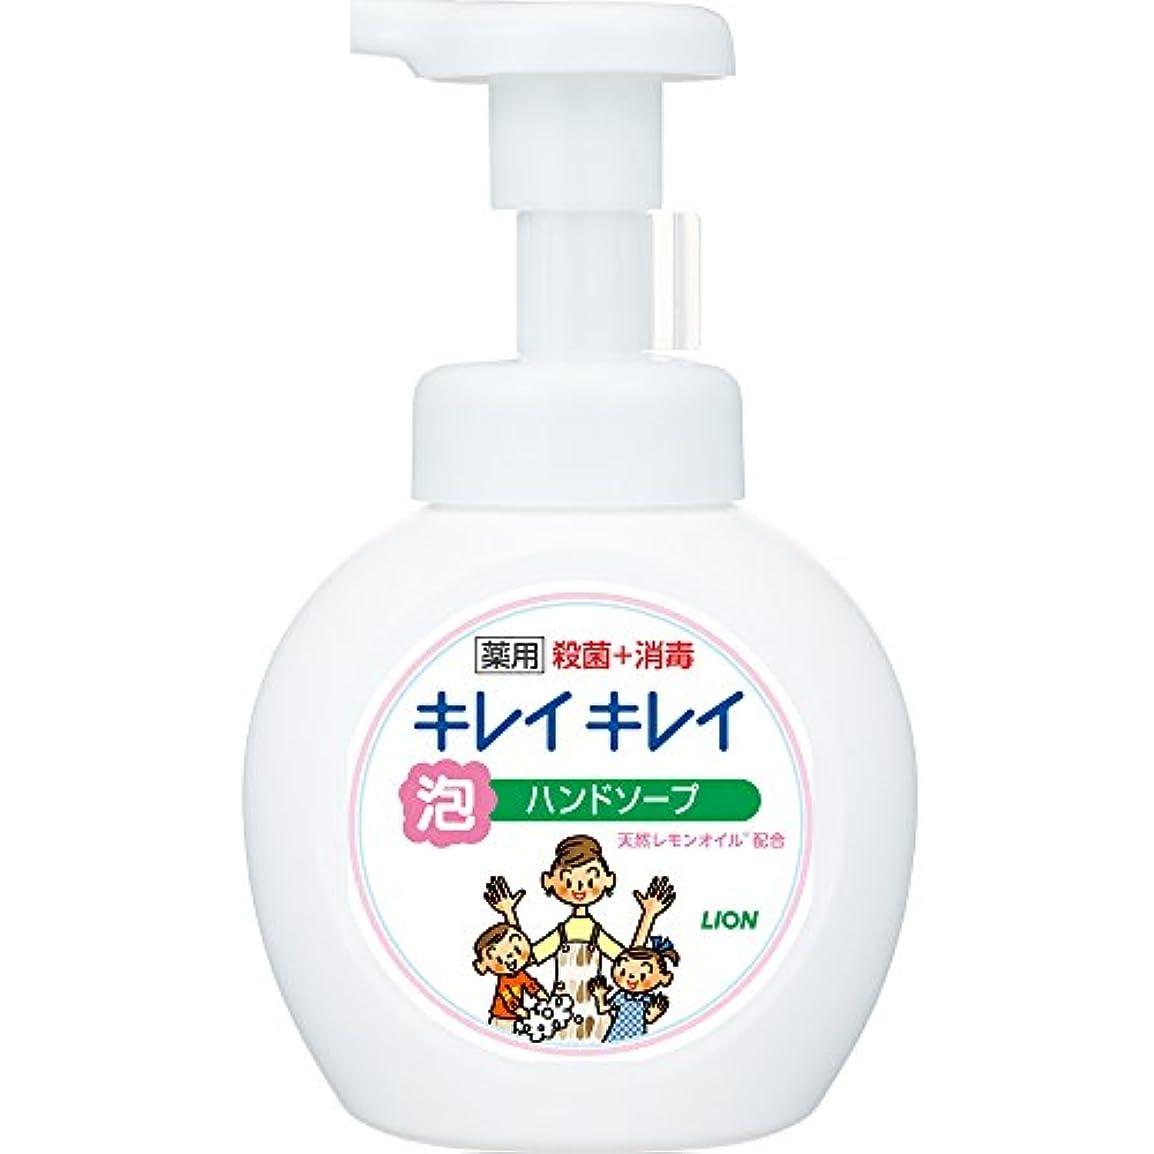 知的薄いですとげのある【医薬部外品】キレイキレイ 薬用 泡ハンドソープ シトラスフルーティの香り 本体ポンプ 250ml